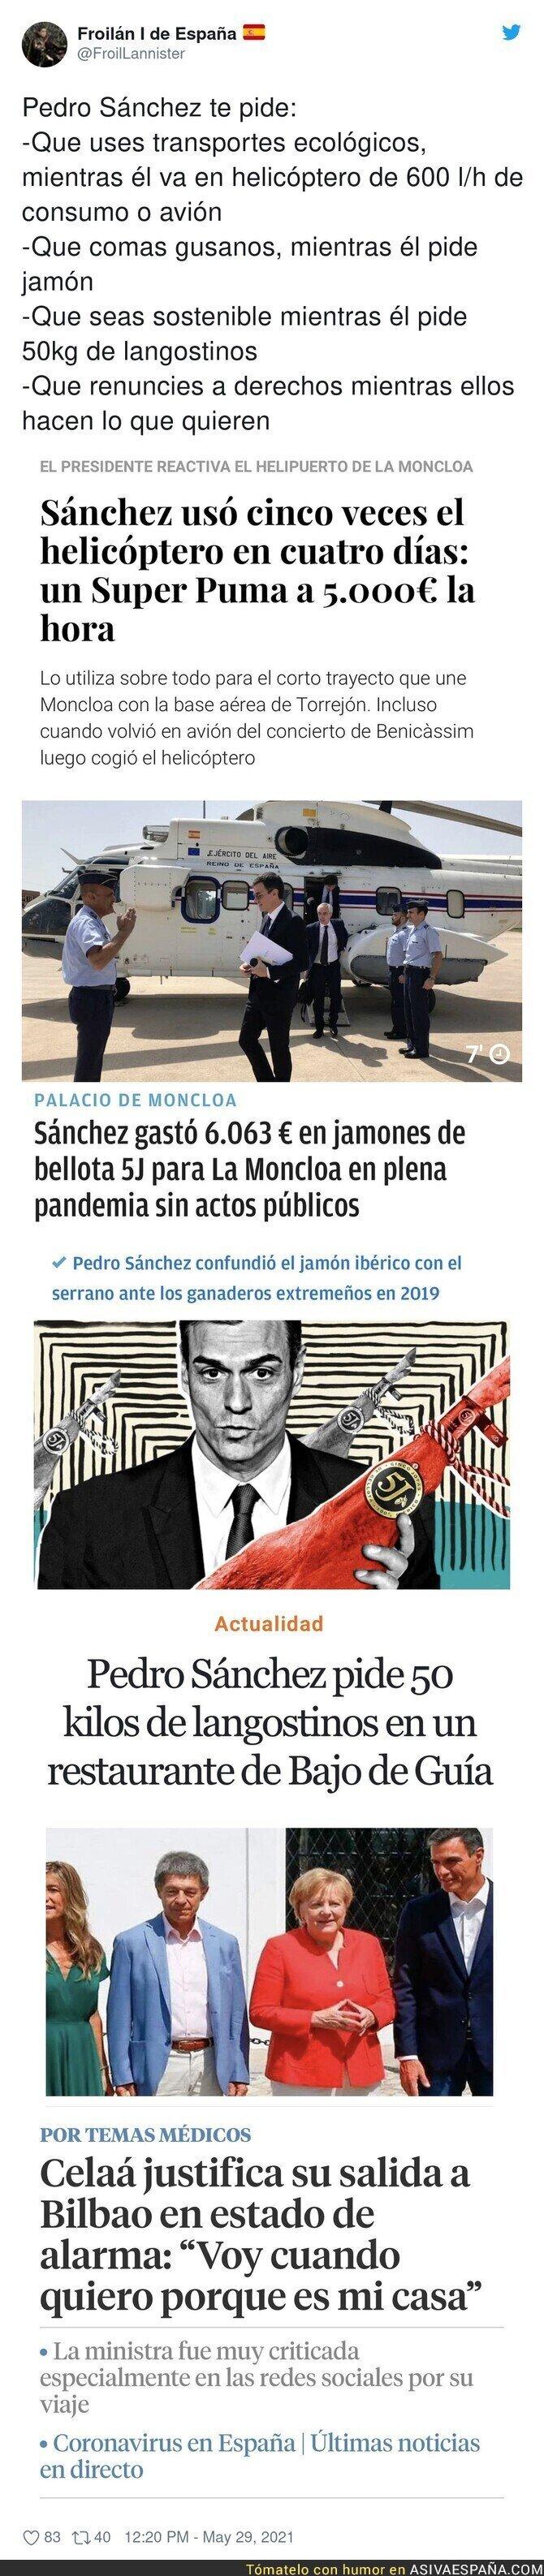 779900 - Lo que pide a los Pedro Sánchez y lo que hace él mismo...